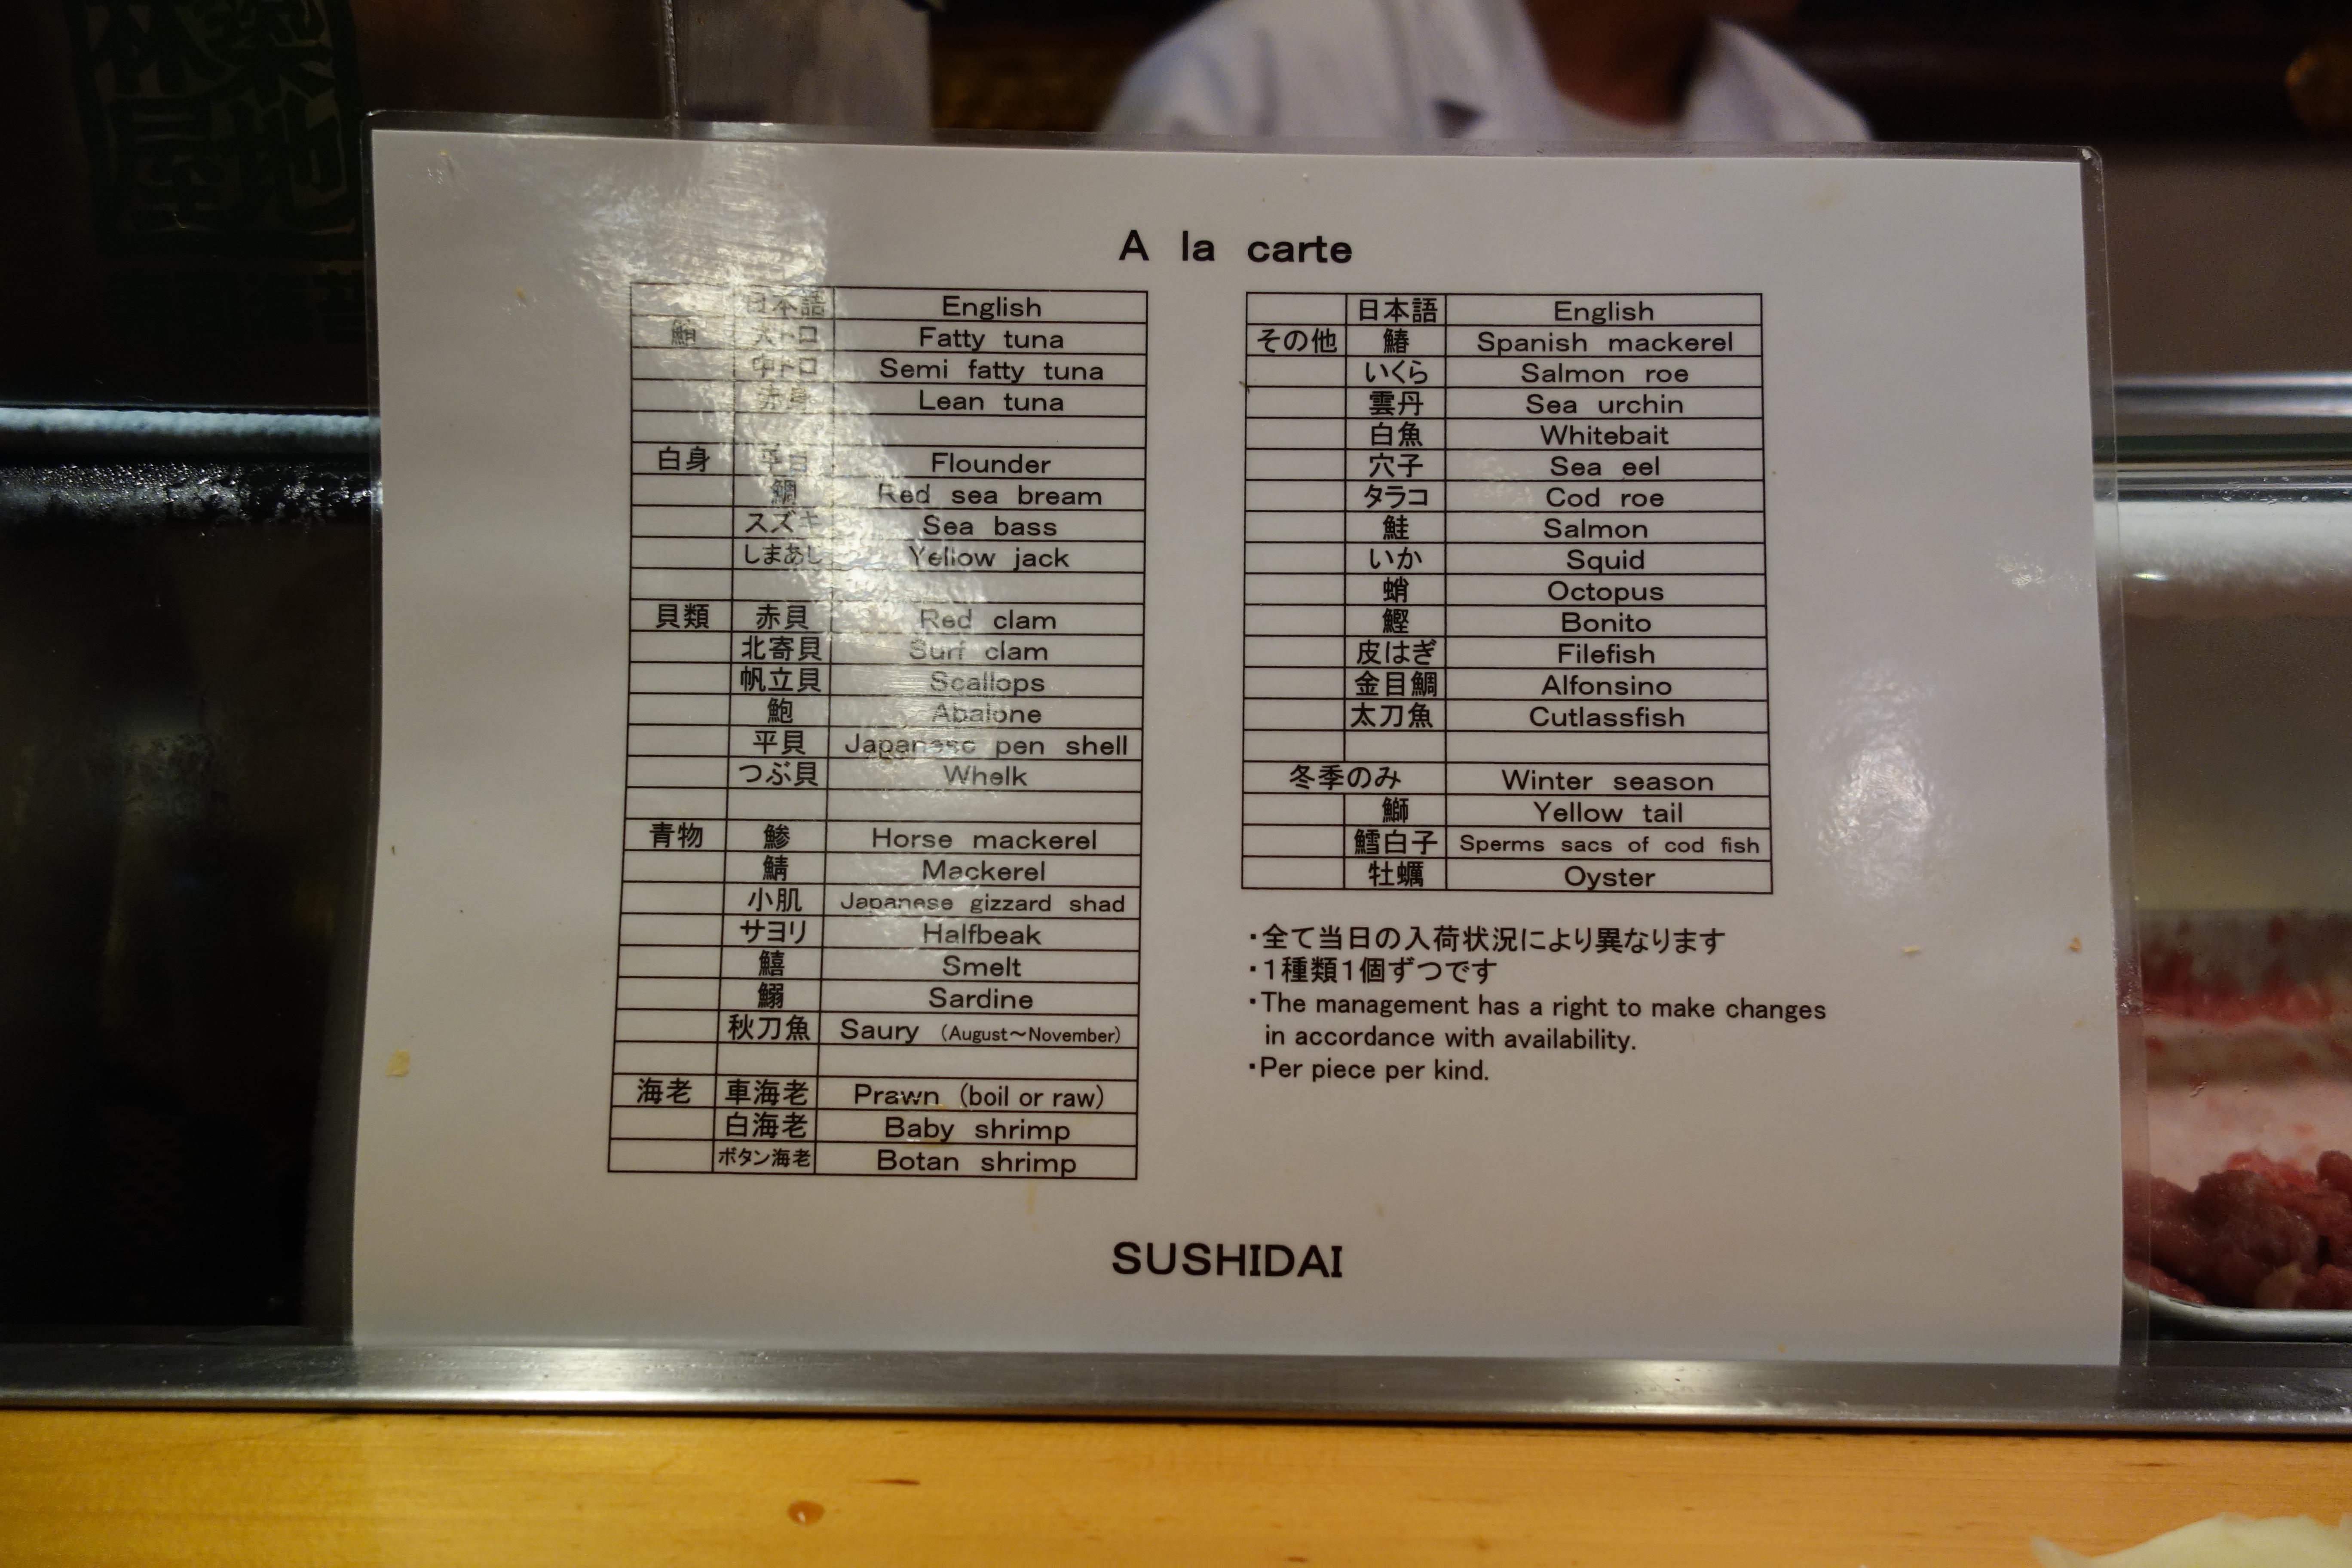 Sushi Dai Tokyo Tsukiji Market menu